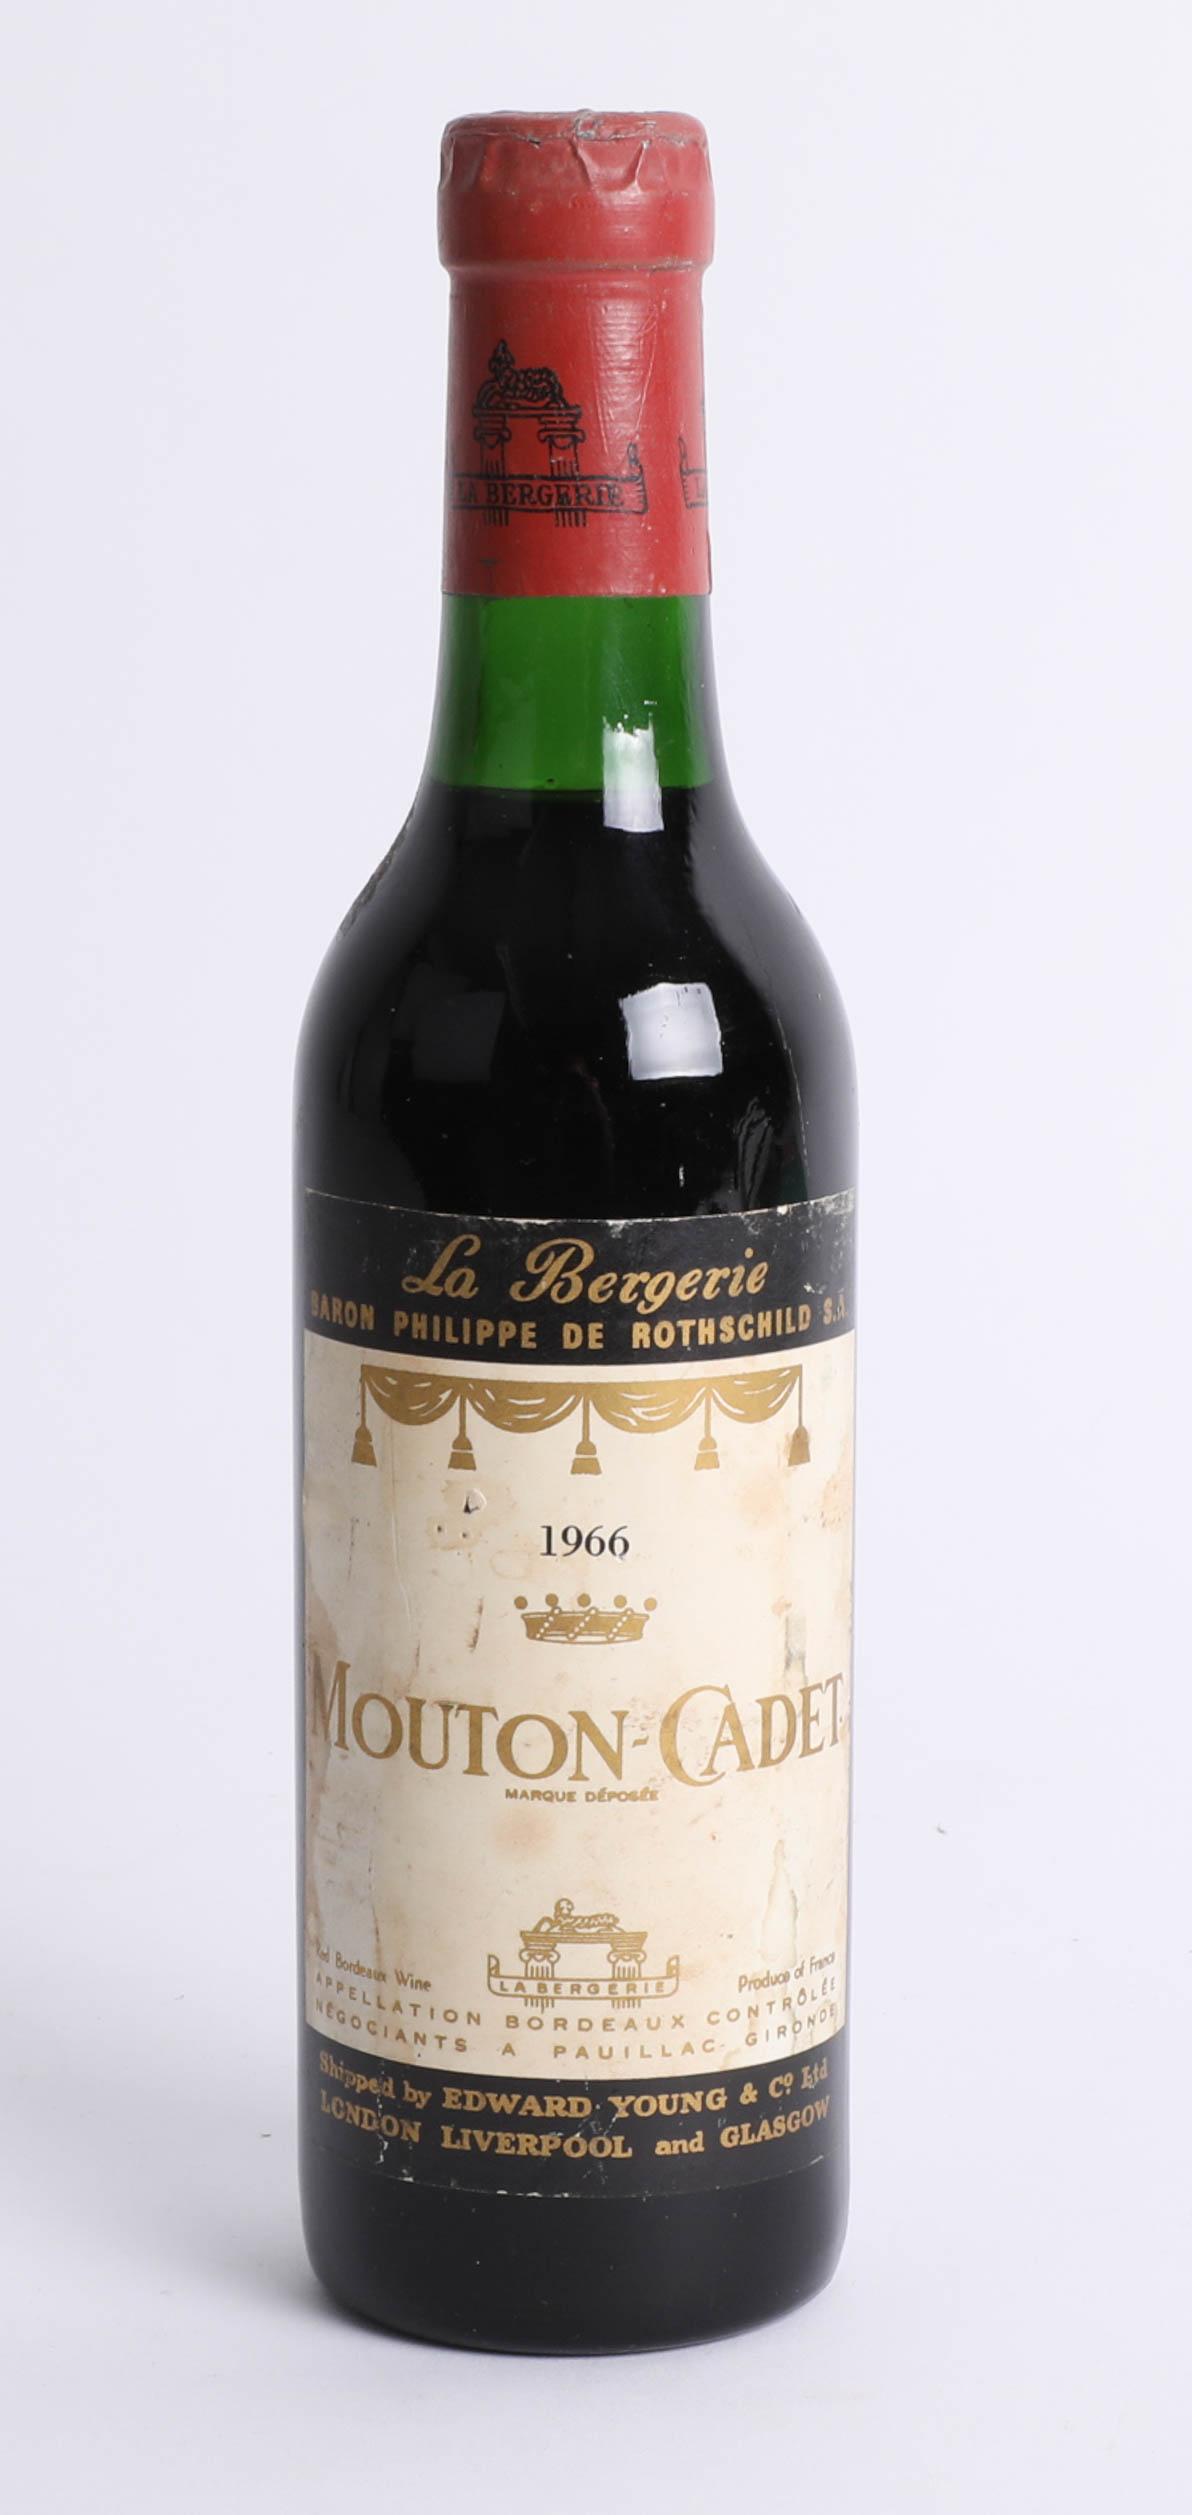 Lot 028 - A half bottle of 1966 Mouton-Cadet red wine.